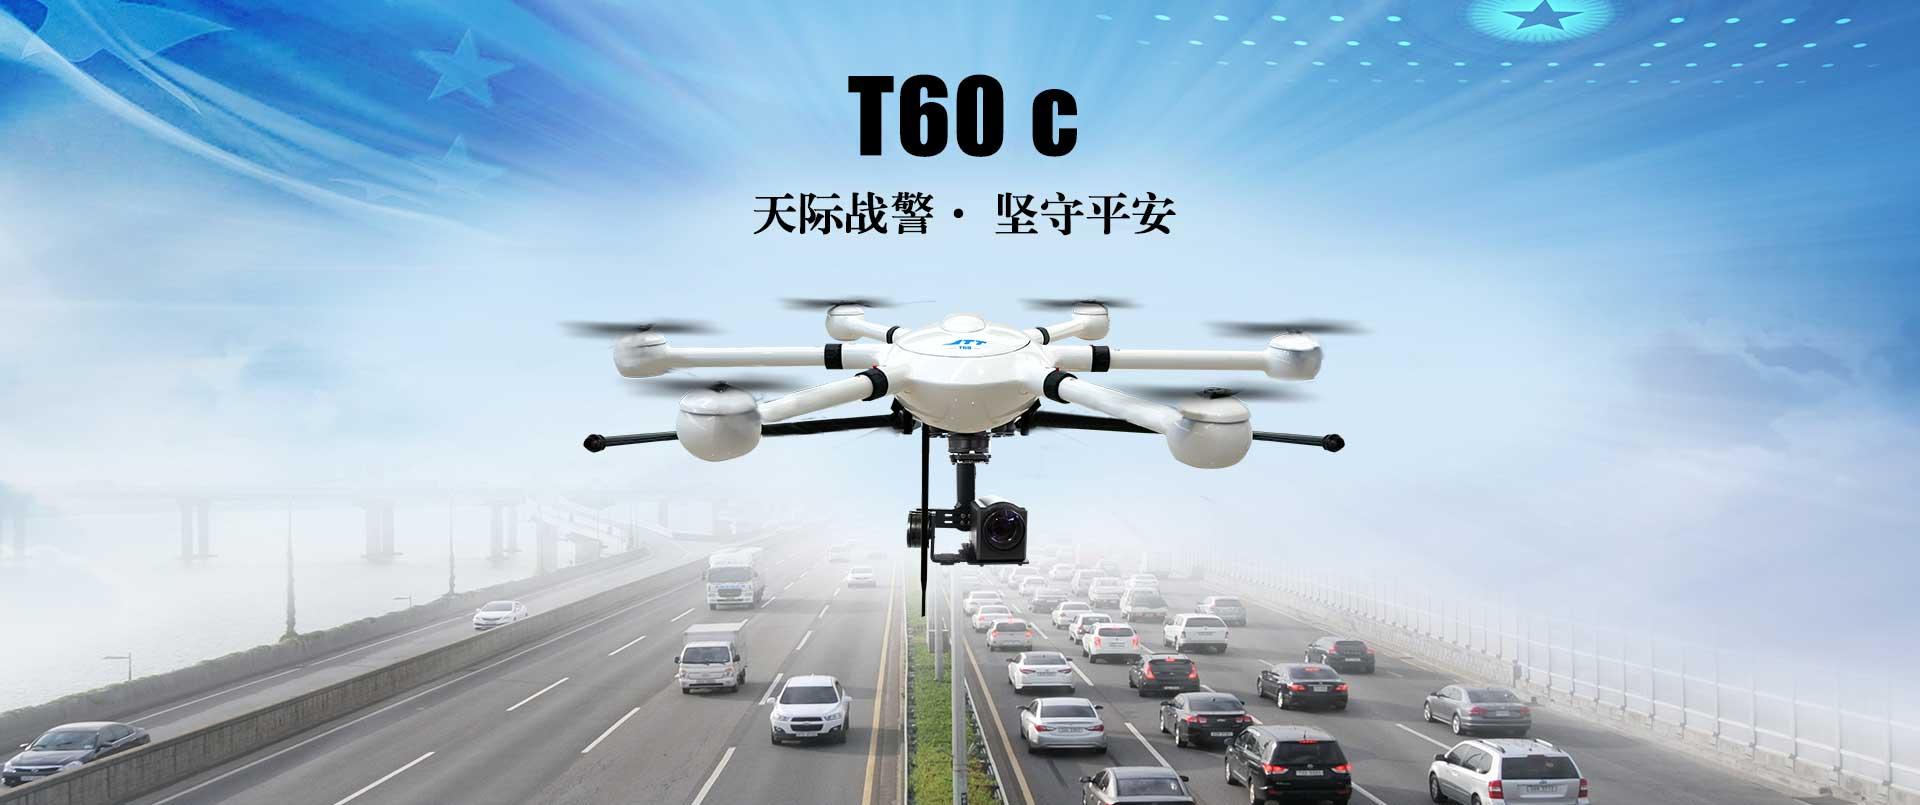 T60 C